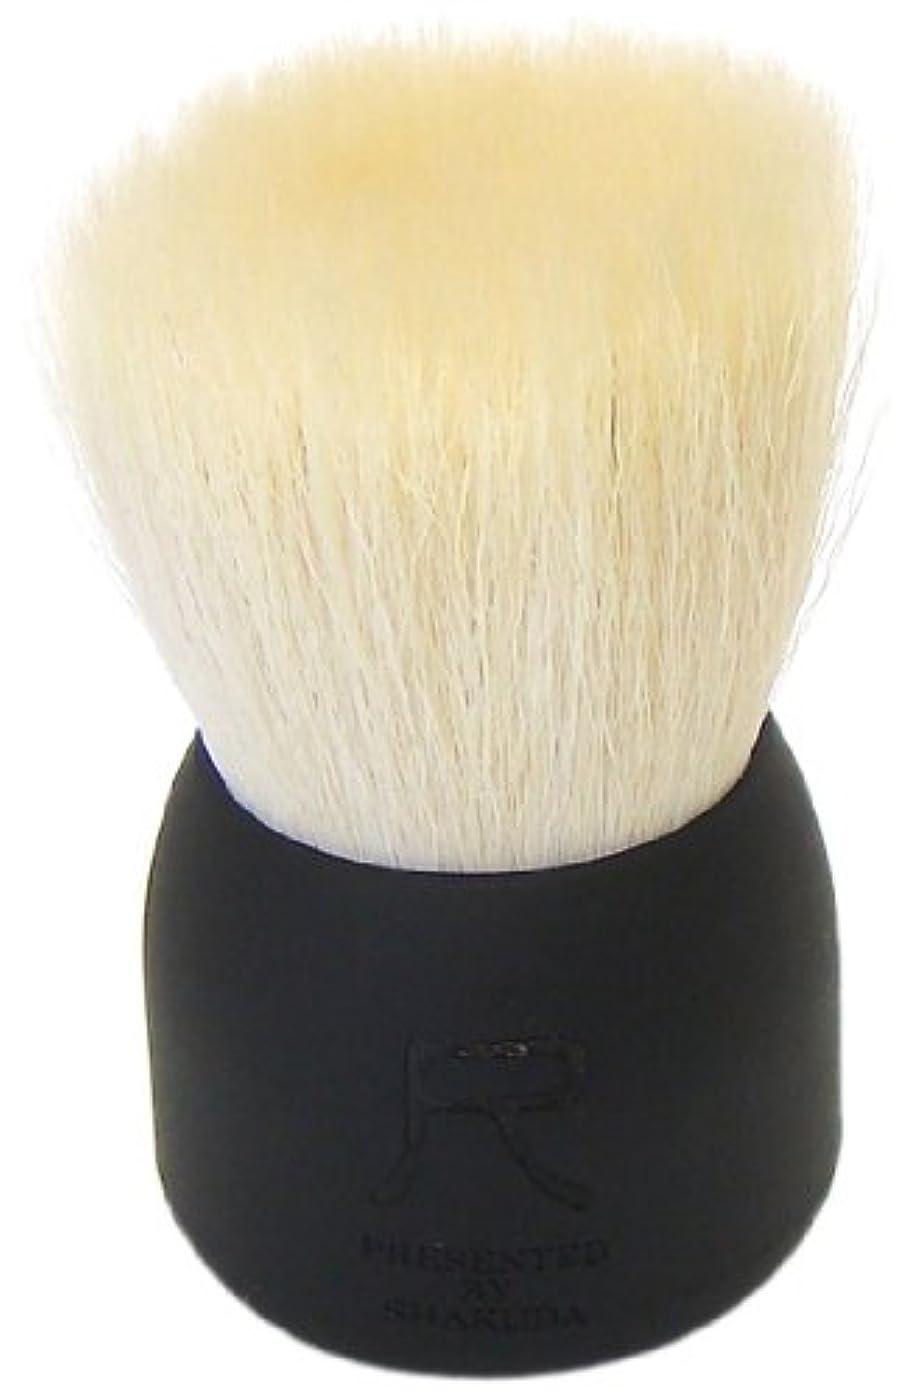 鑑定忌み嫌うに沿って熊野筆 尺 PRESENTED BY SHAKUDA 洗顔ブラシ(黒)